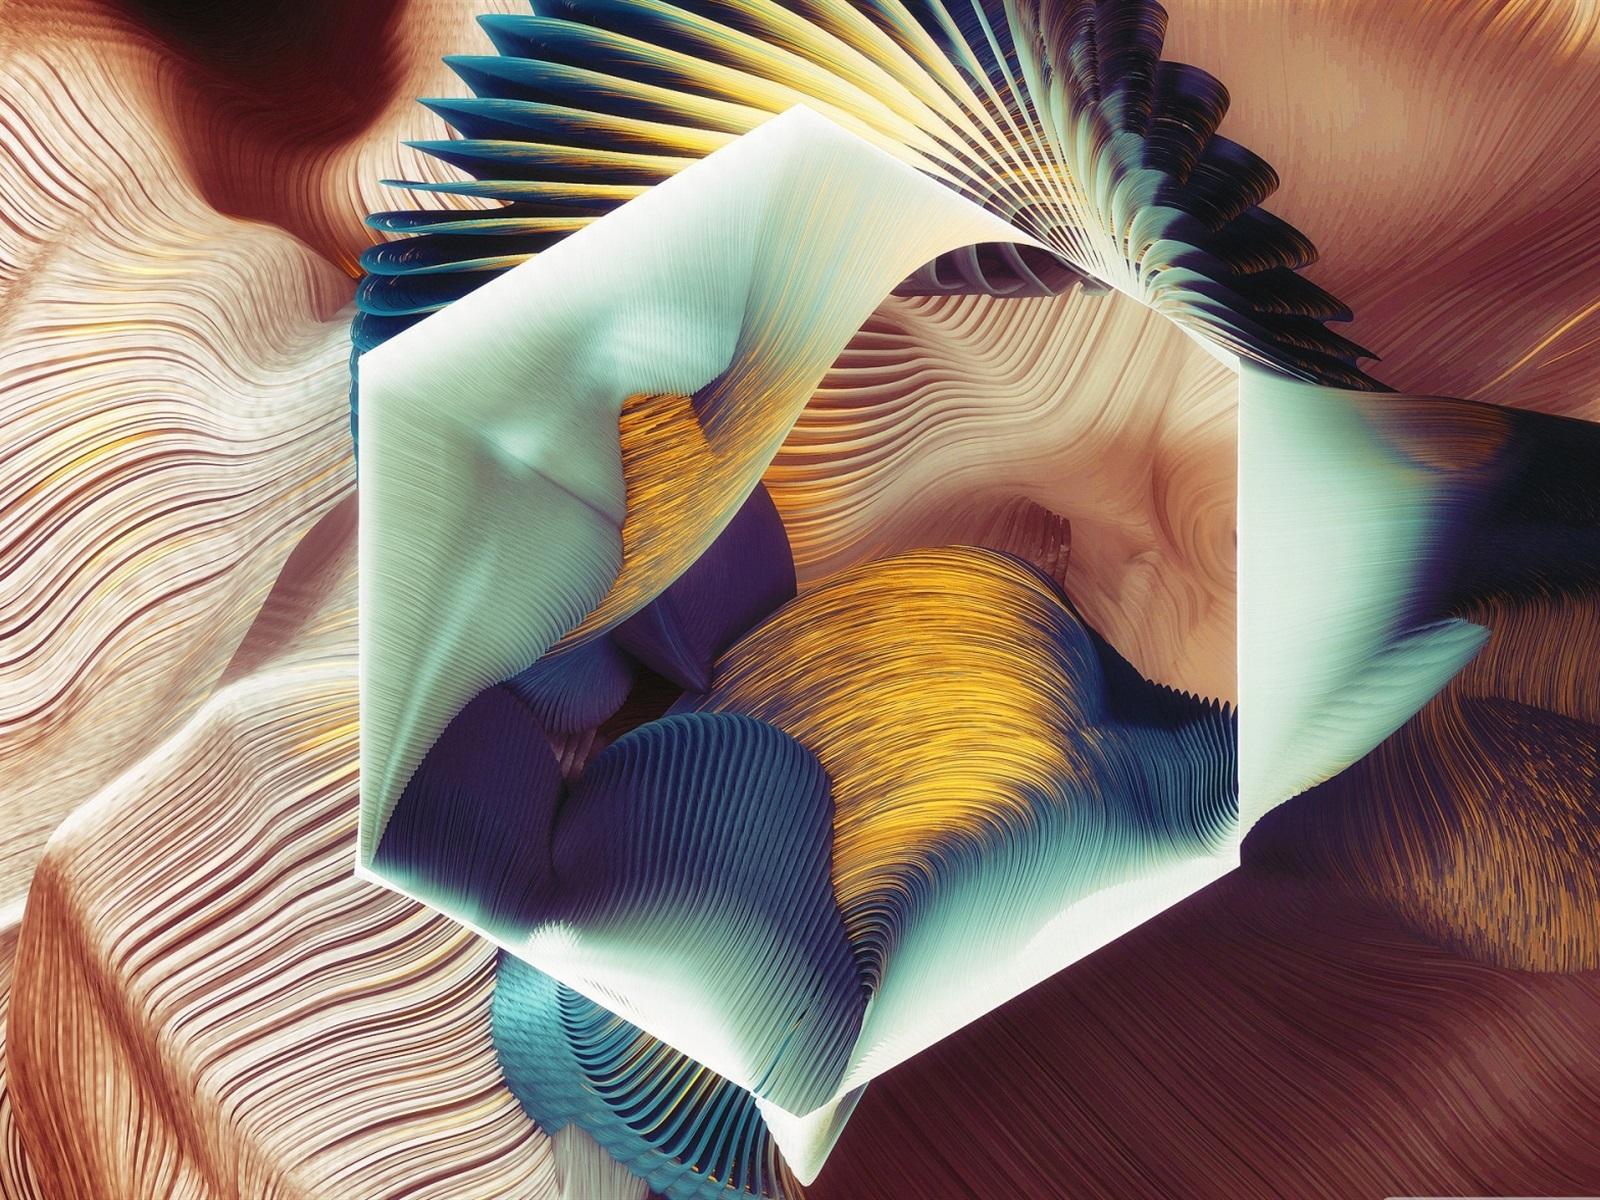 Fonds Décran Modèle Abstrait Hexagone Design Dart